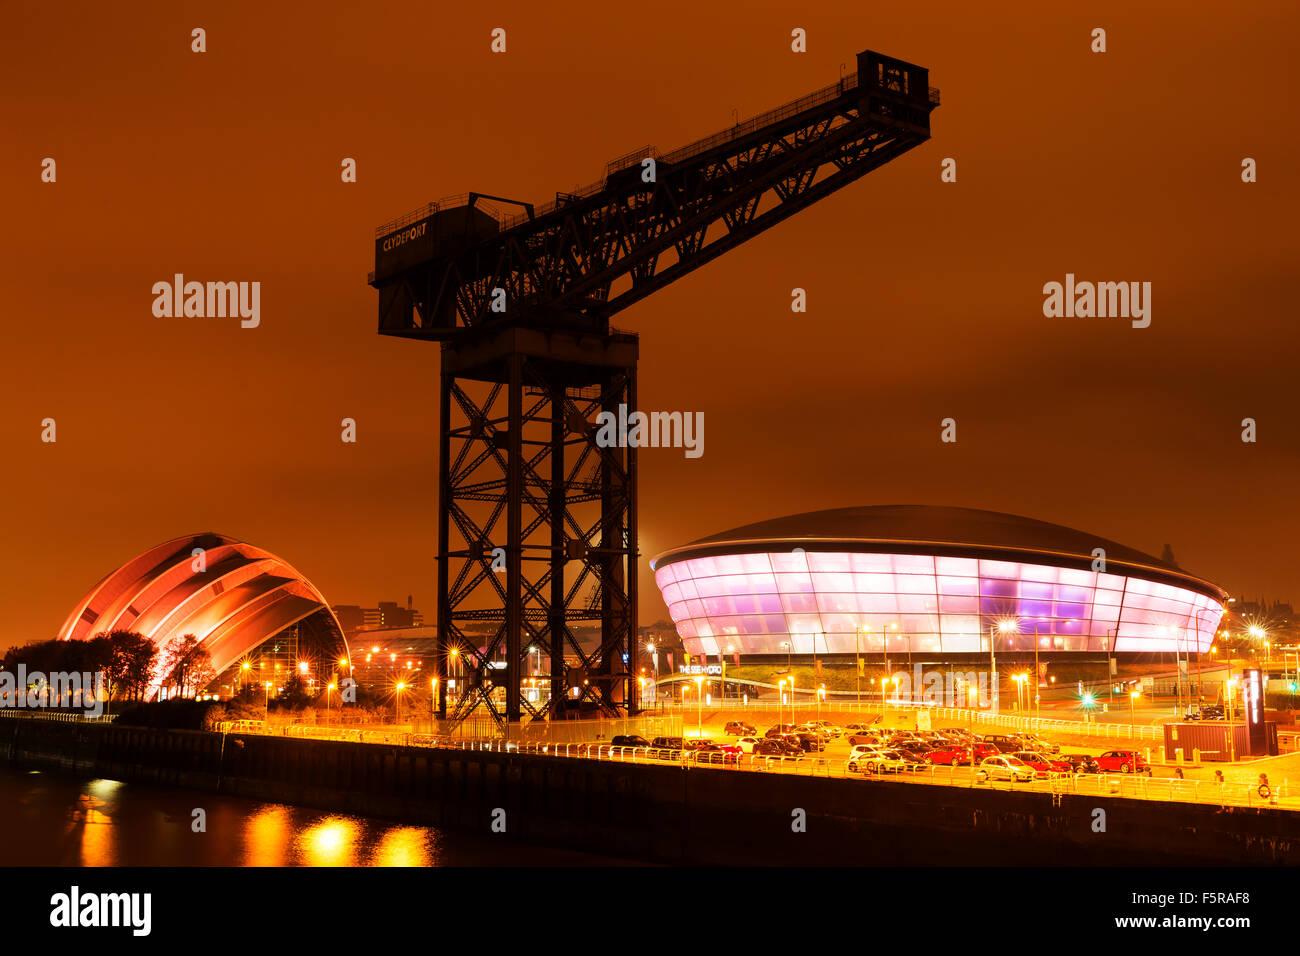 GLASGOW, SCHOTTLAND. 27. Oktober 2015: Der SSC Hydro Stadion beleuchtet in der Nacht am Ufer des River Clyde, Glasgow, Stockbild